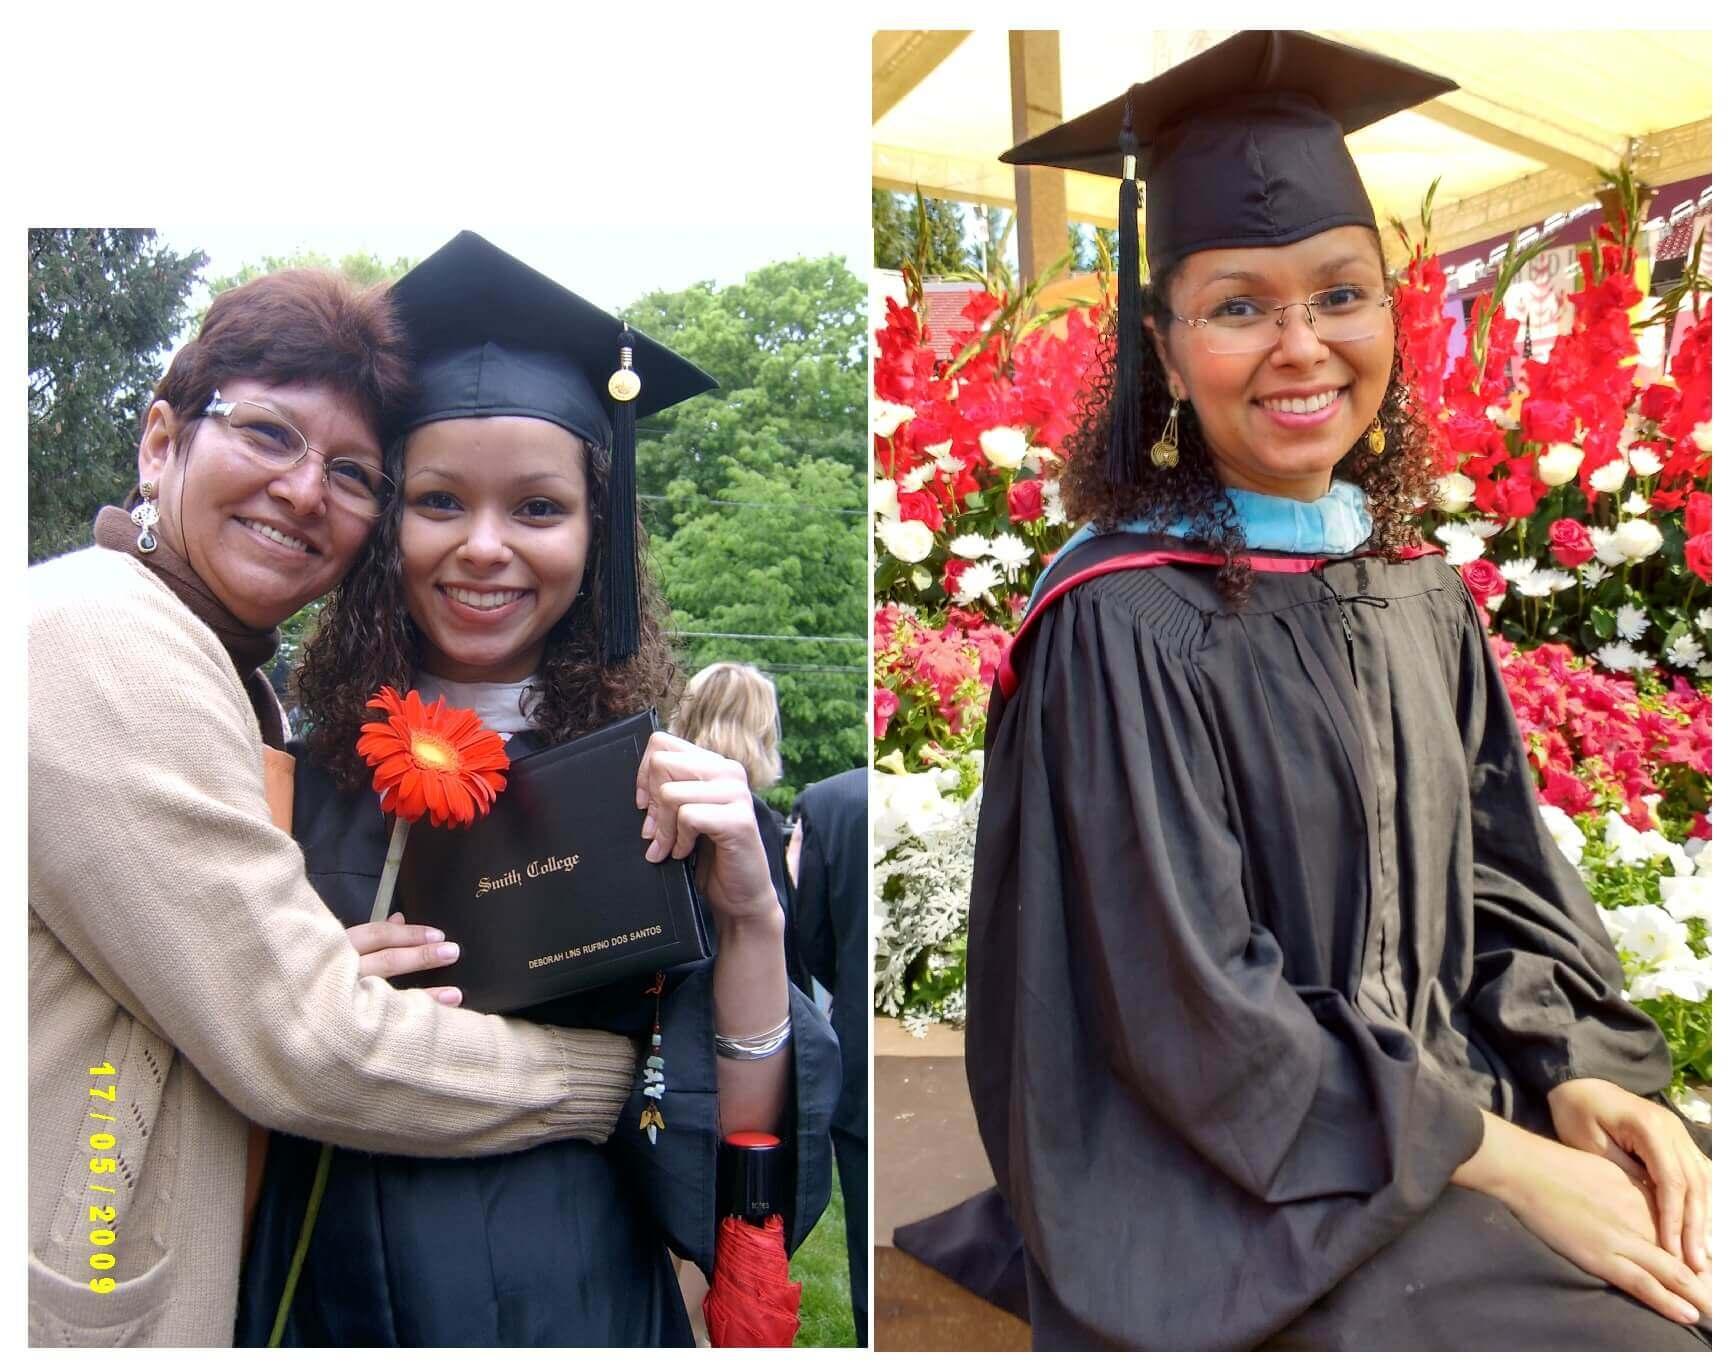 Deborah e sua mãe na formatura do Smith College